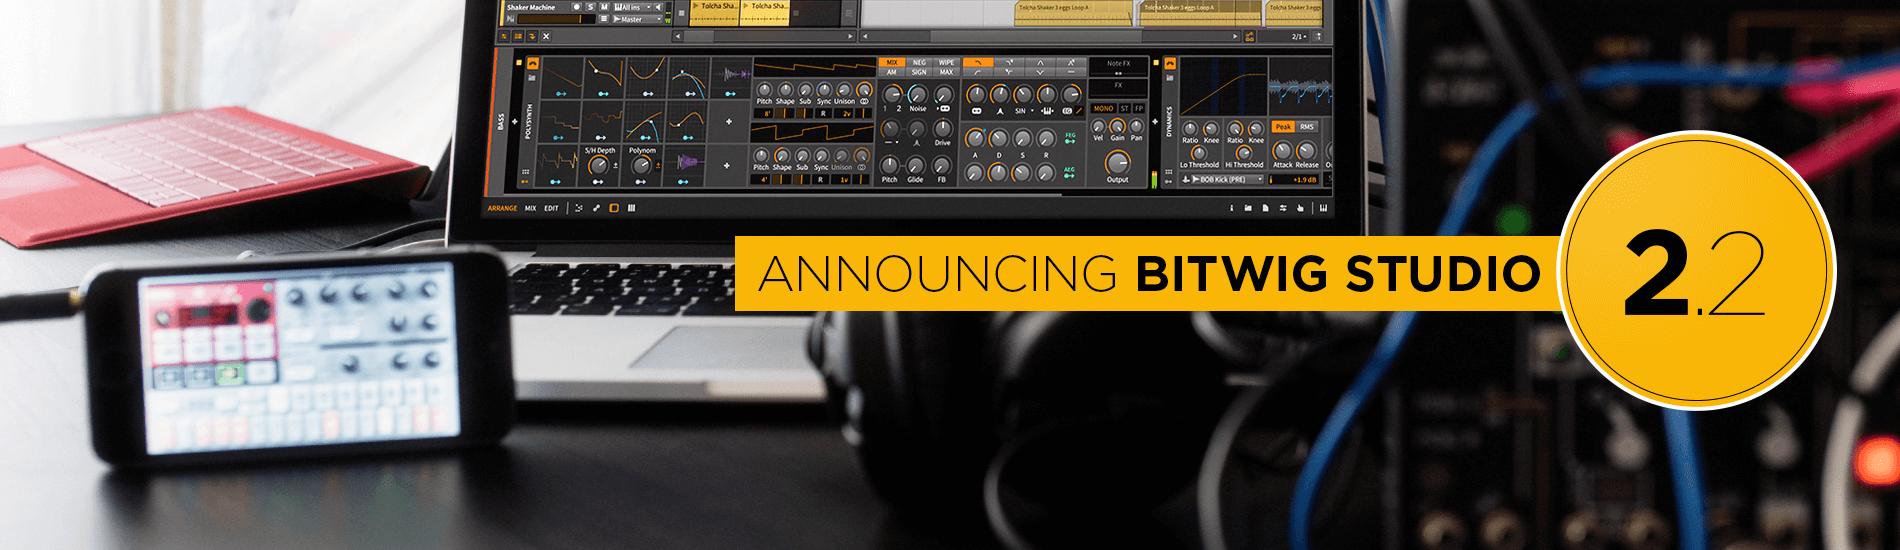 Bitwig Studio Update 2.2:  novità dell'ultima release con l'aggiunta del supporto Wireless Link